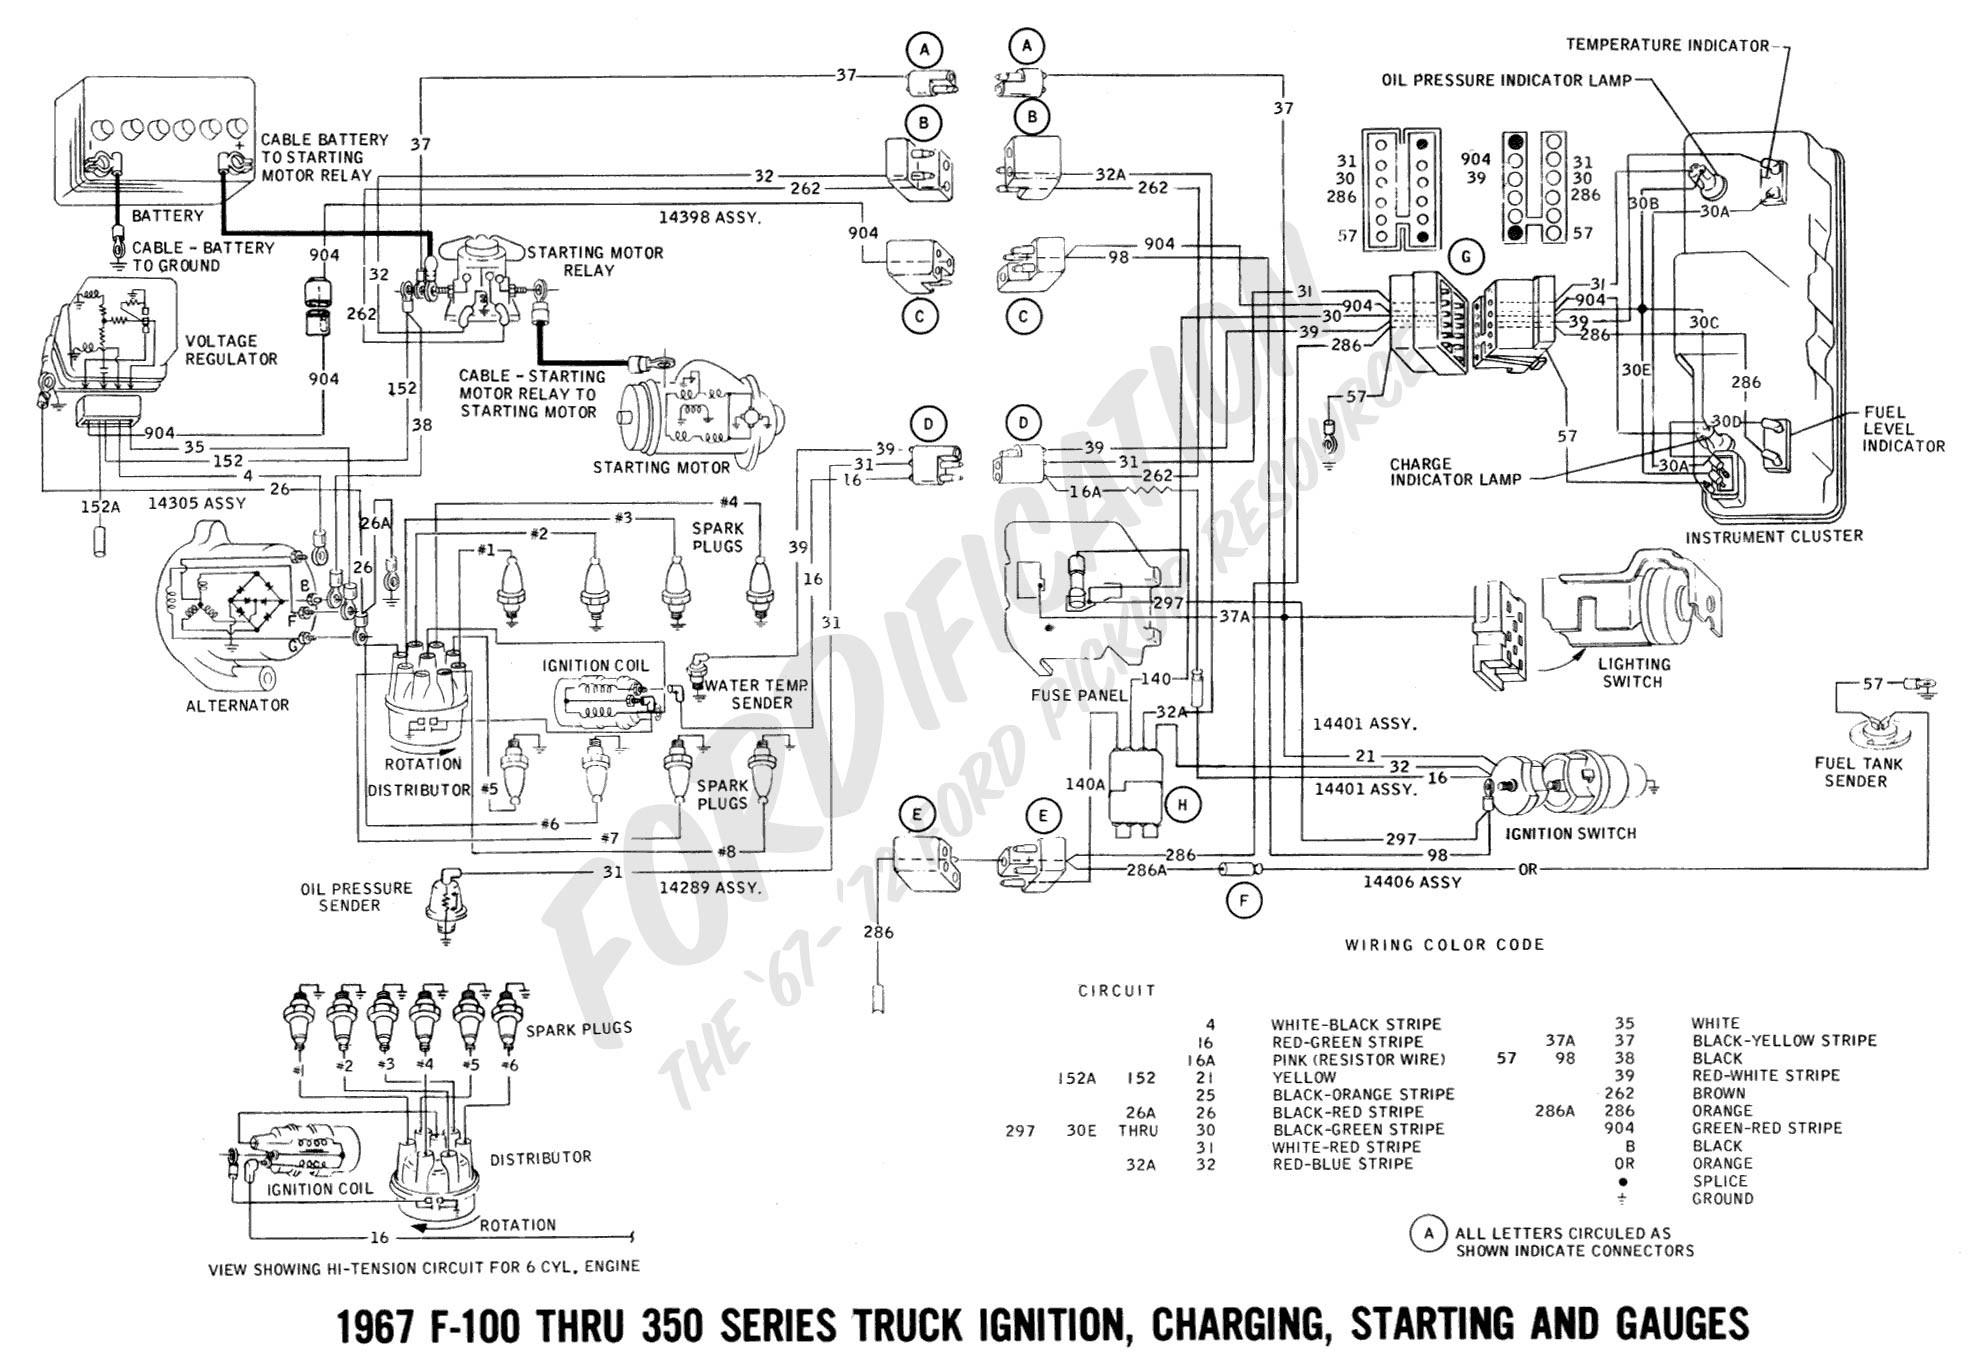 Corvette Wiring Diagram On Starter Wiring Diagram For 73 Corvette 350